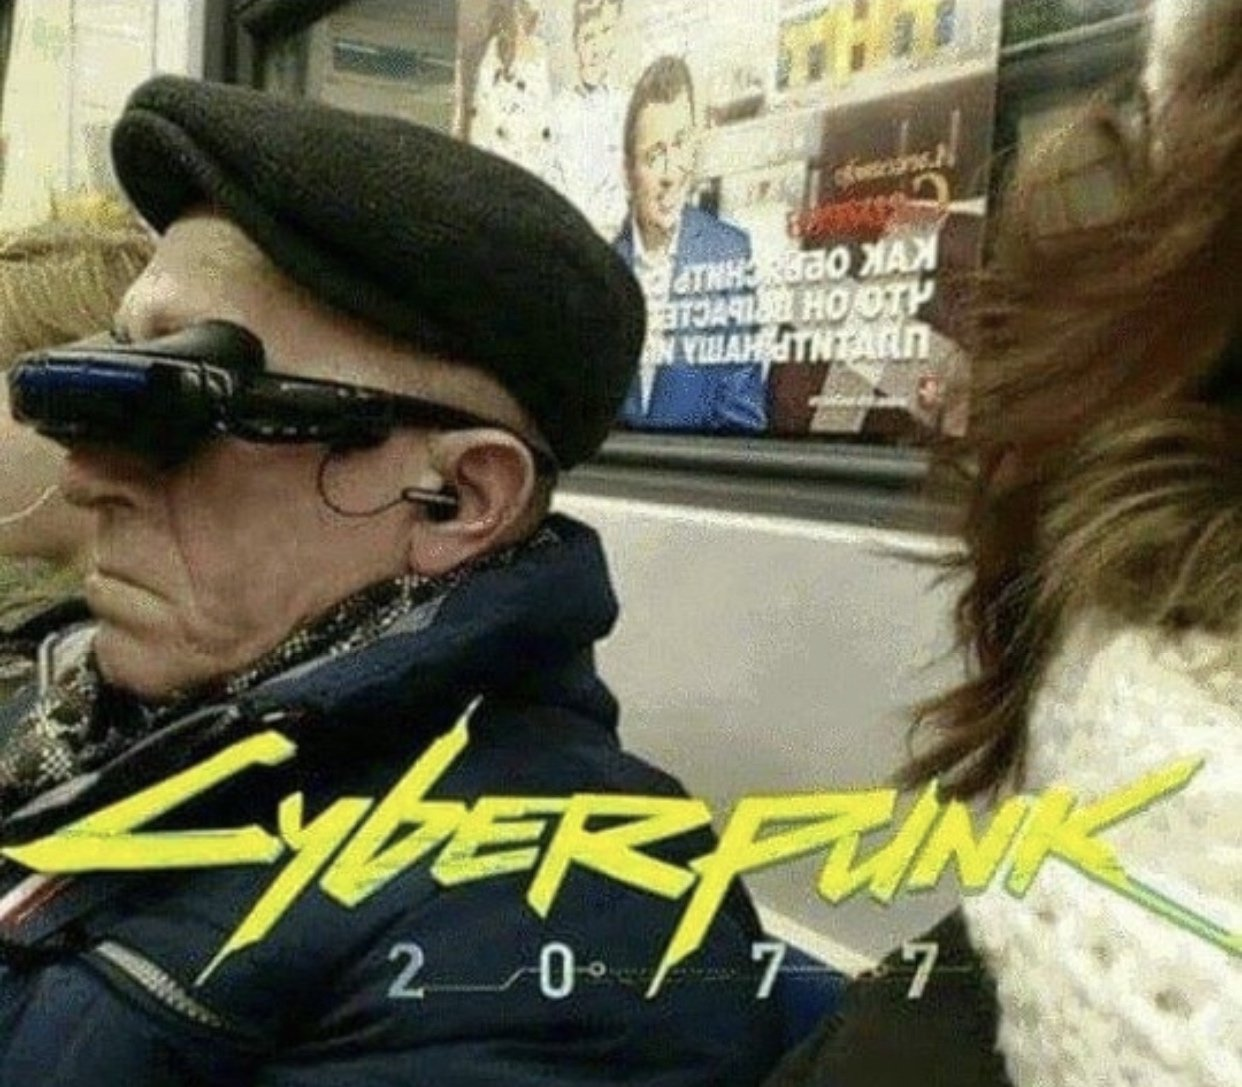 ¡Los Memes de Cyberpunk 2077! - La Cueva del Lobo